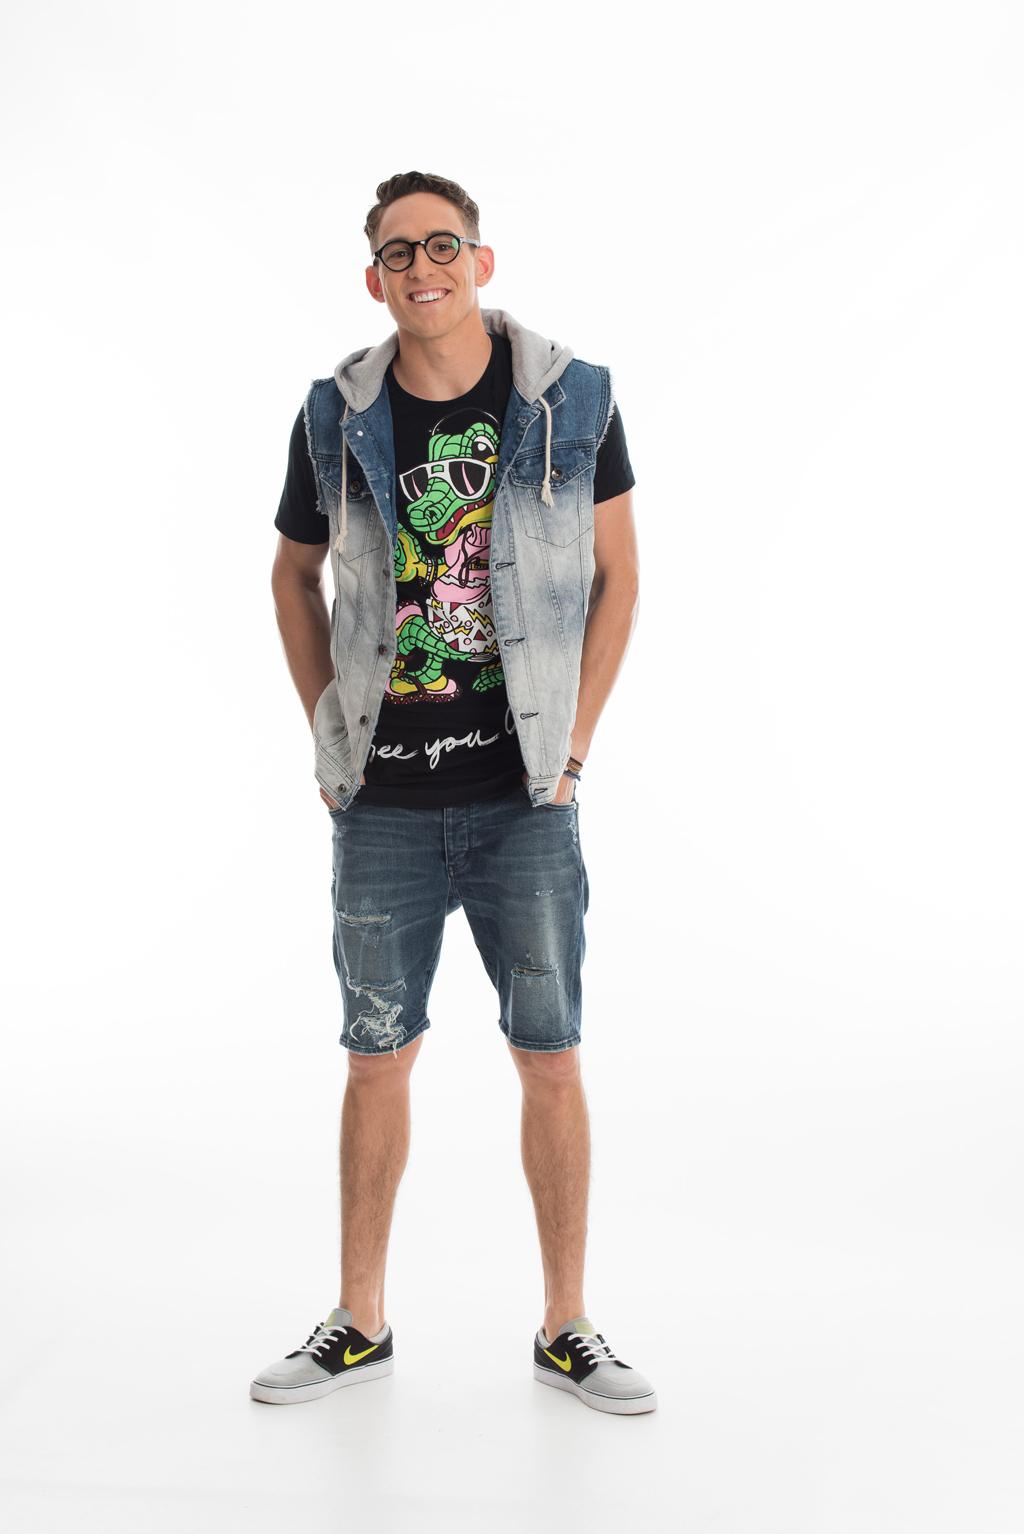 Brisbane university student Jake Richardson.